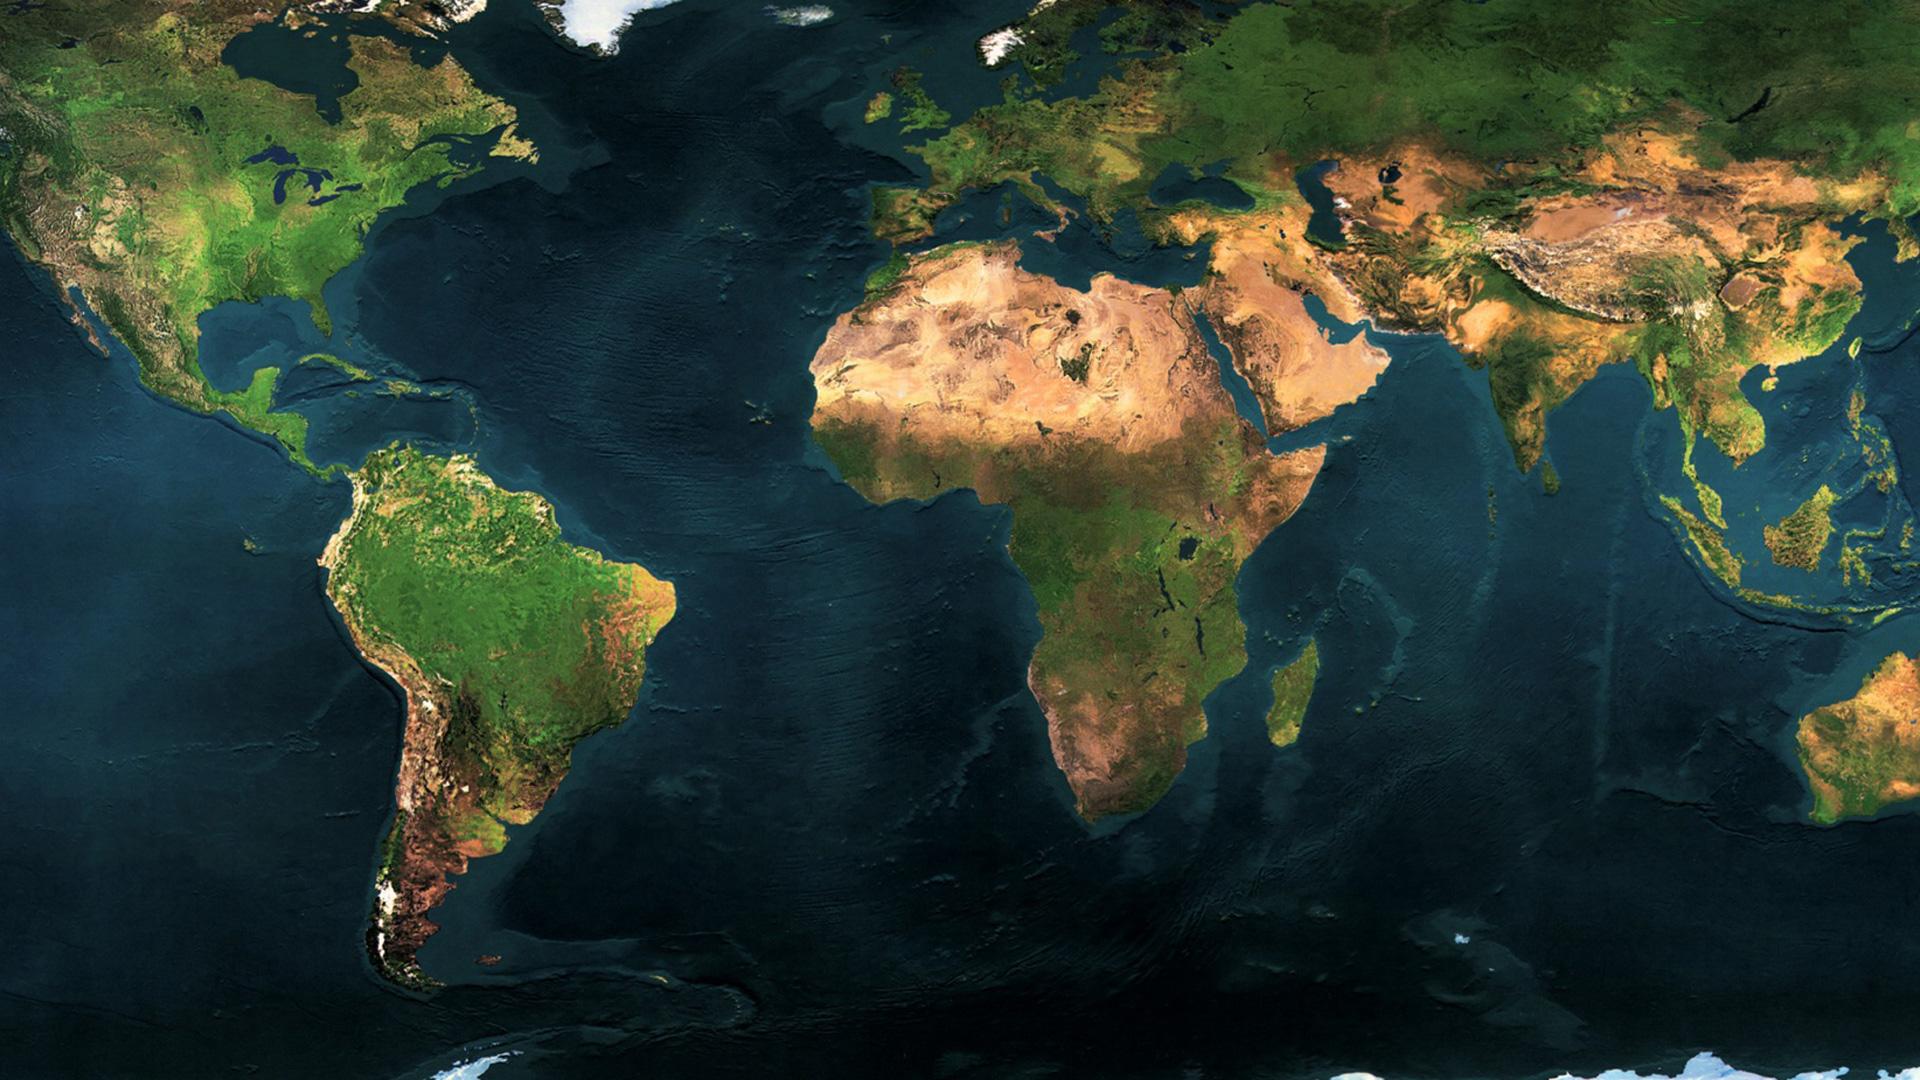 World Map HD Wallpaper 1920x1080